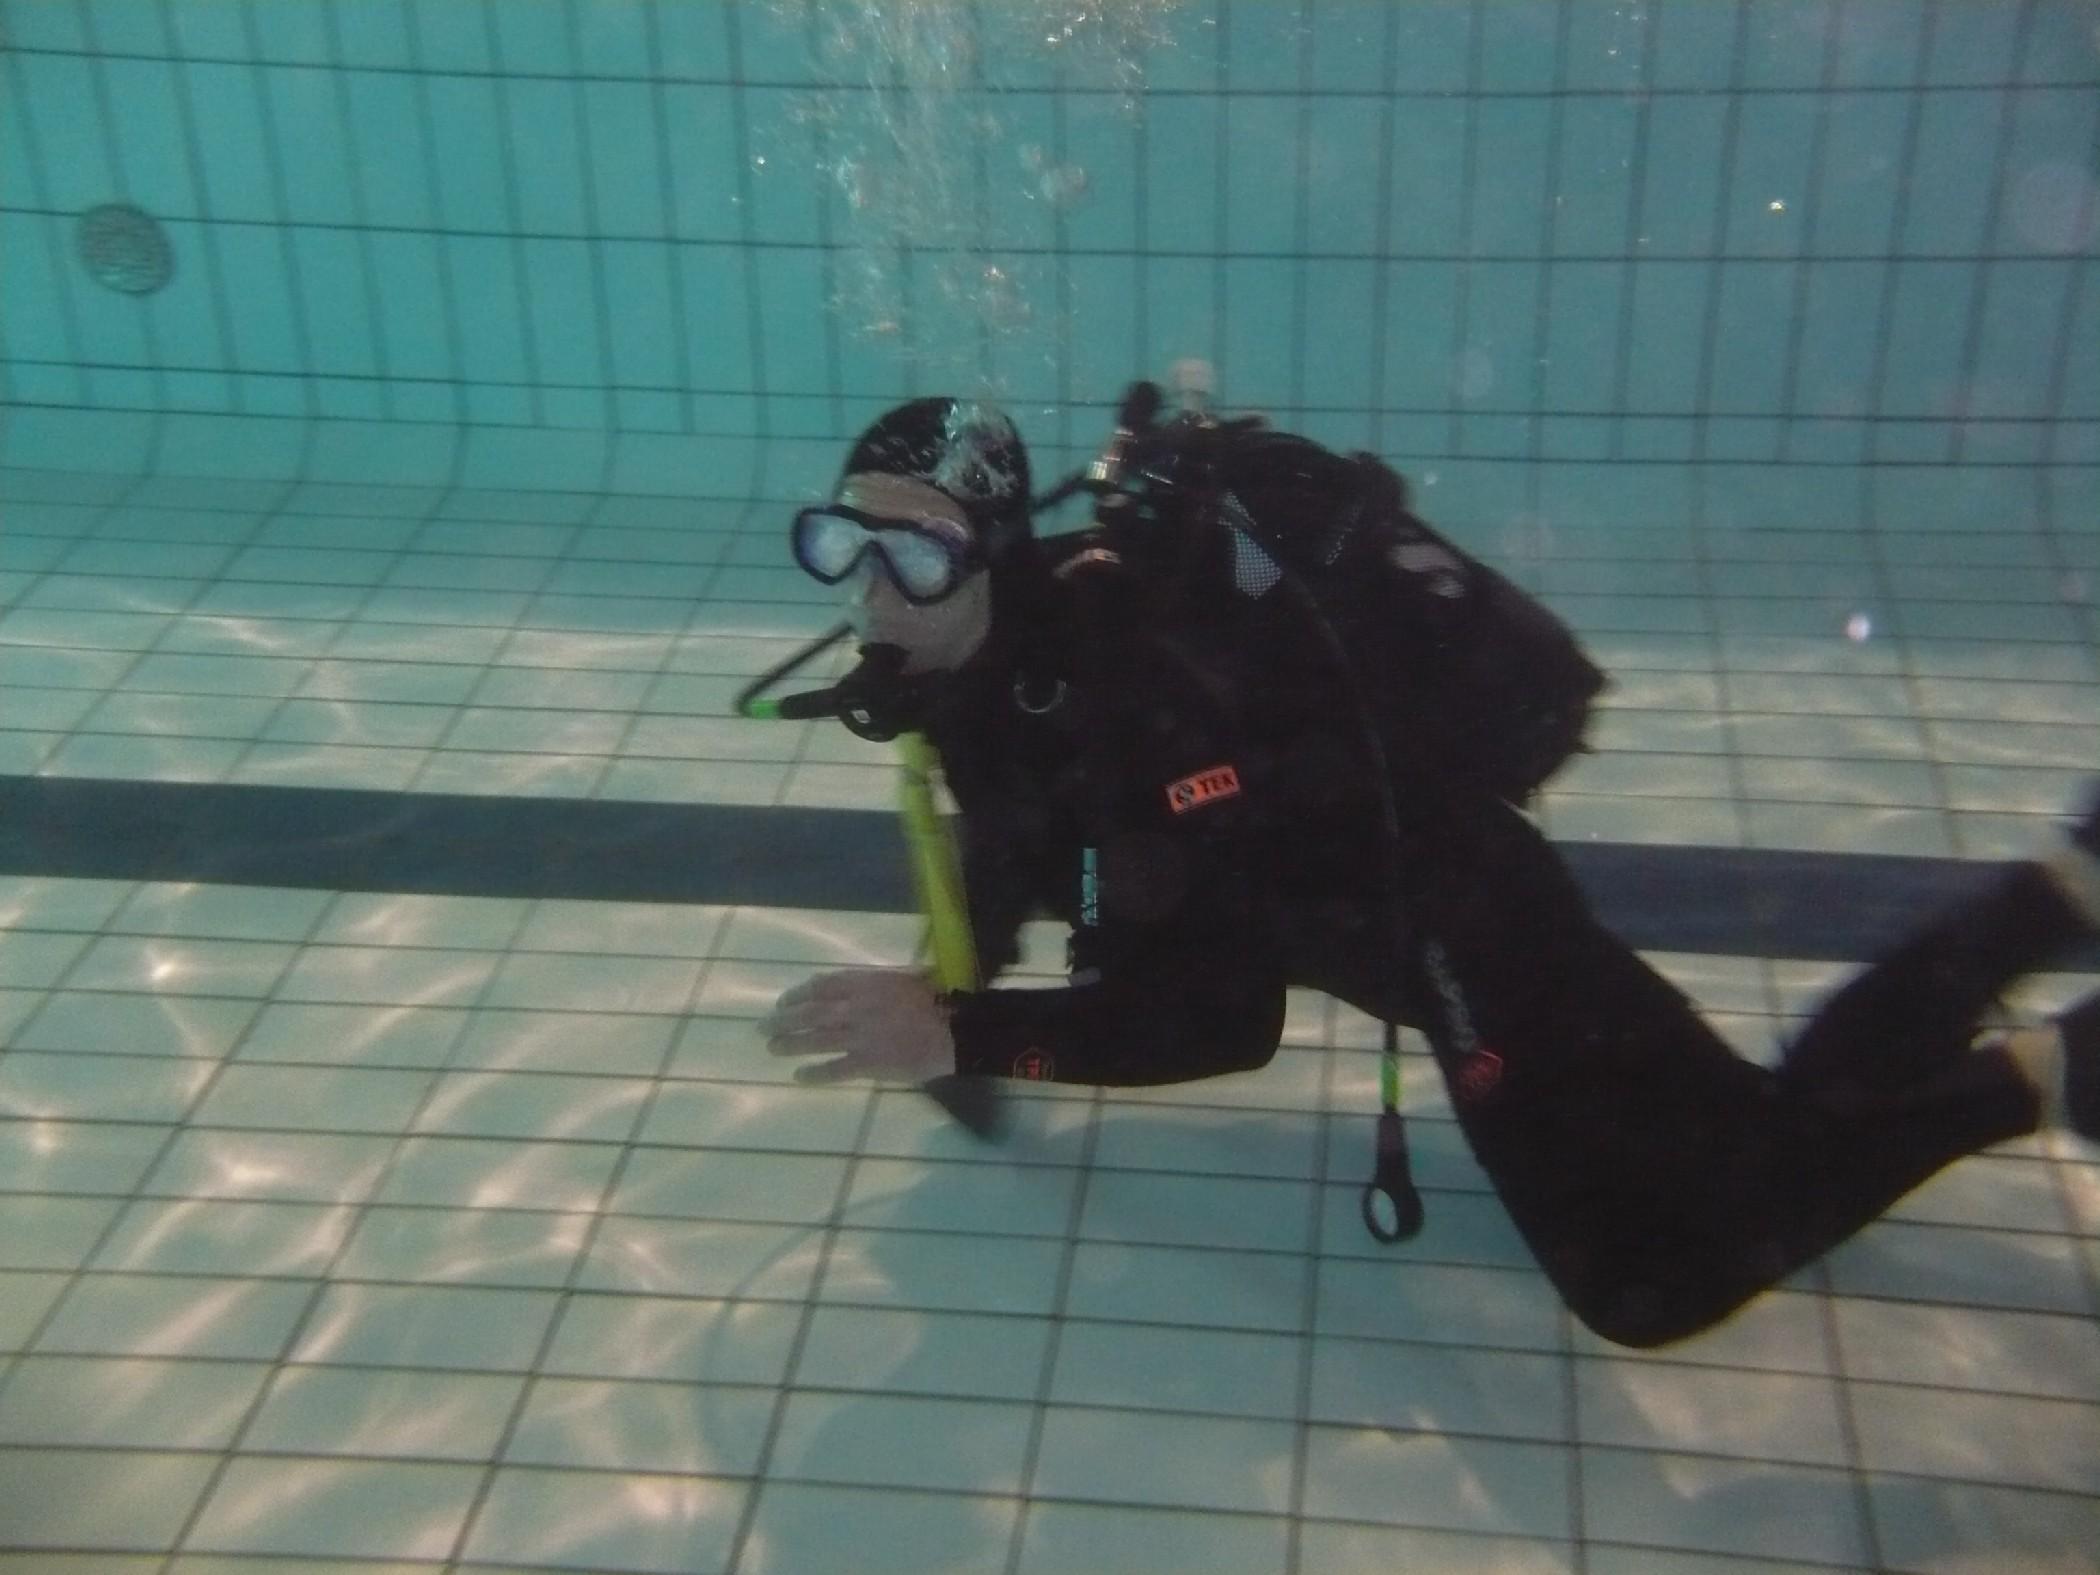 piscine-27-jan-2009-2